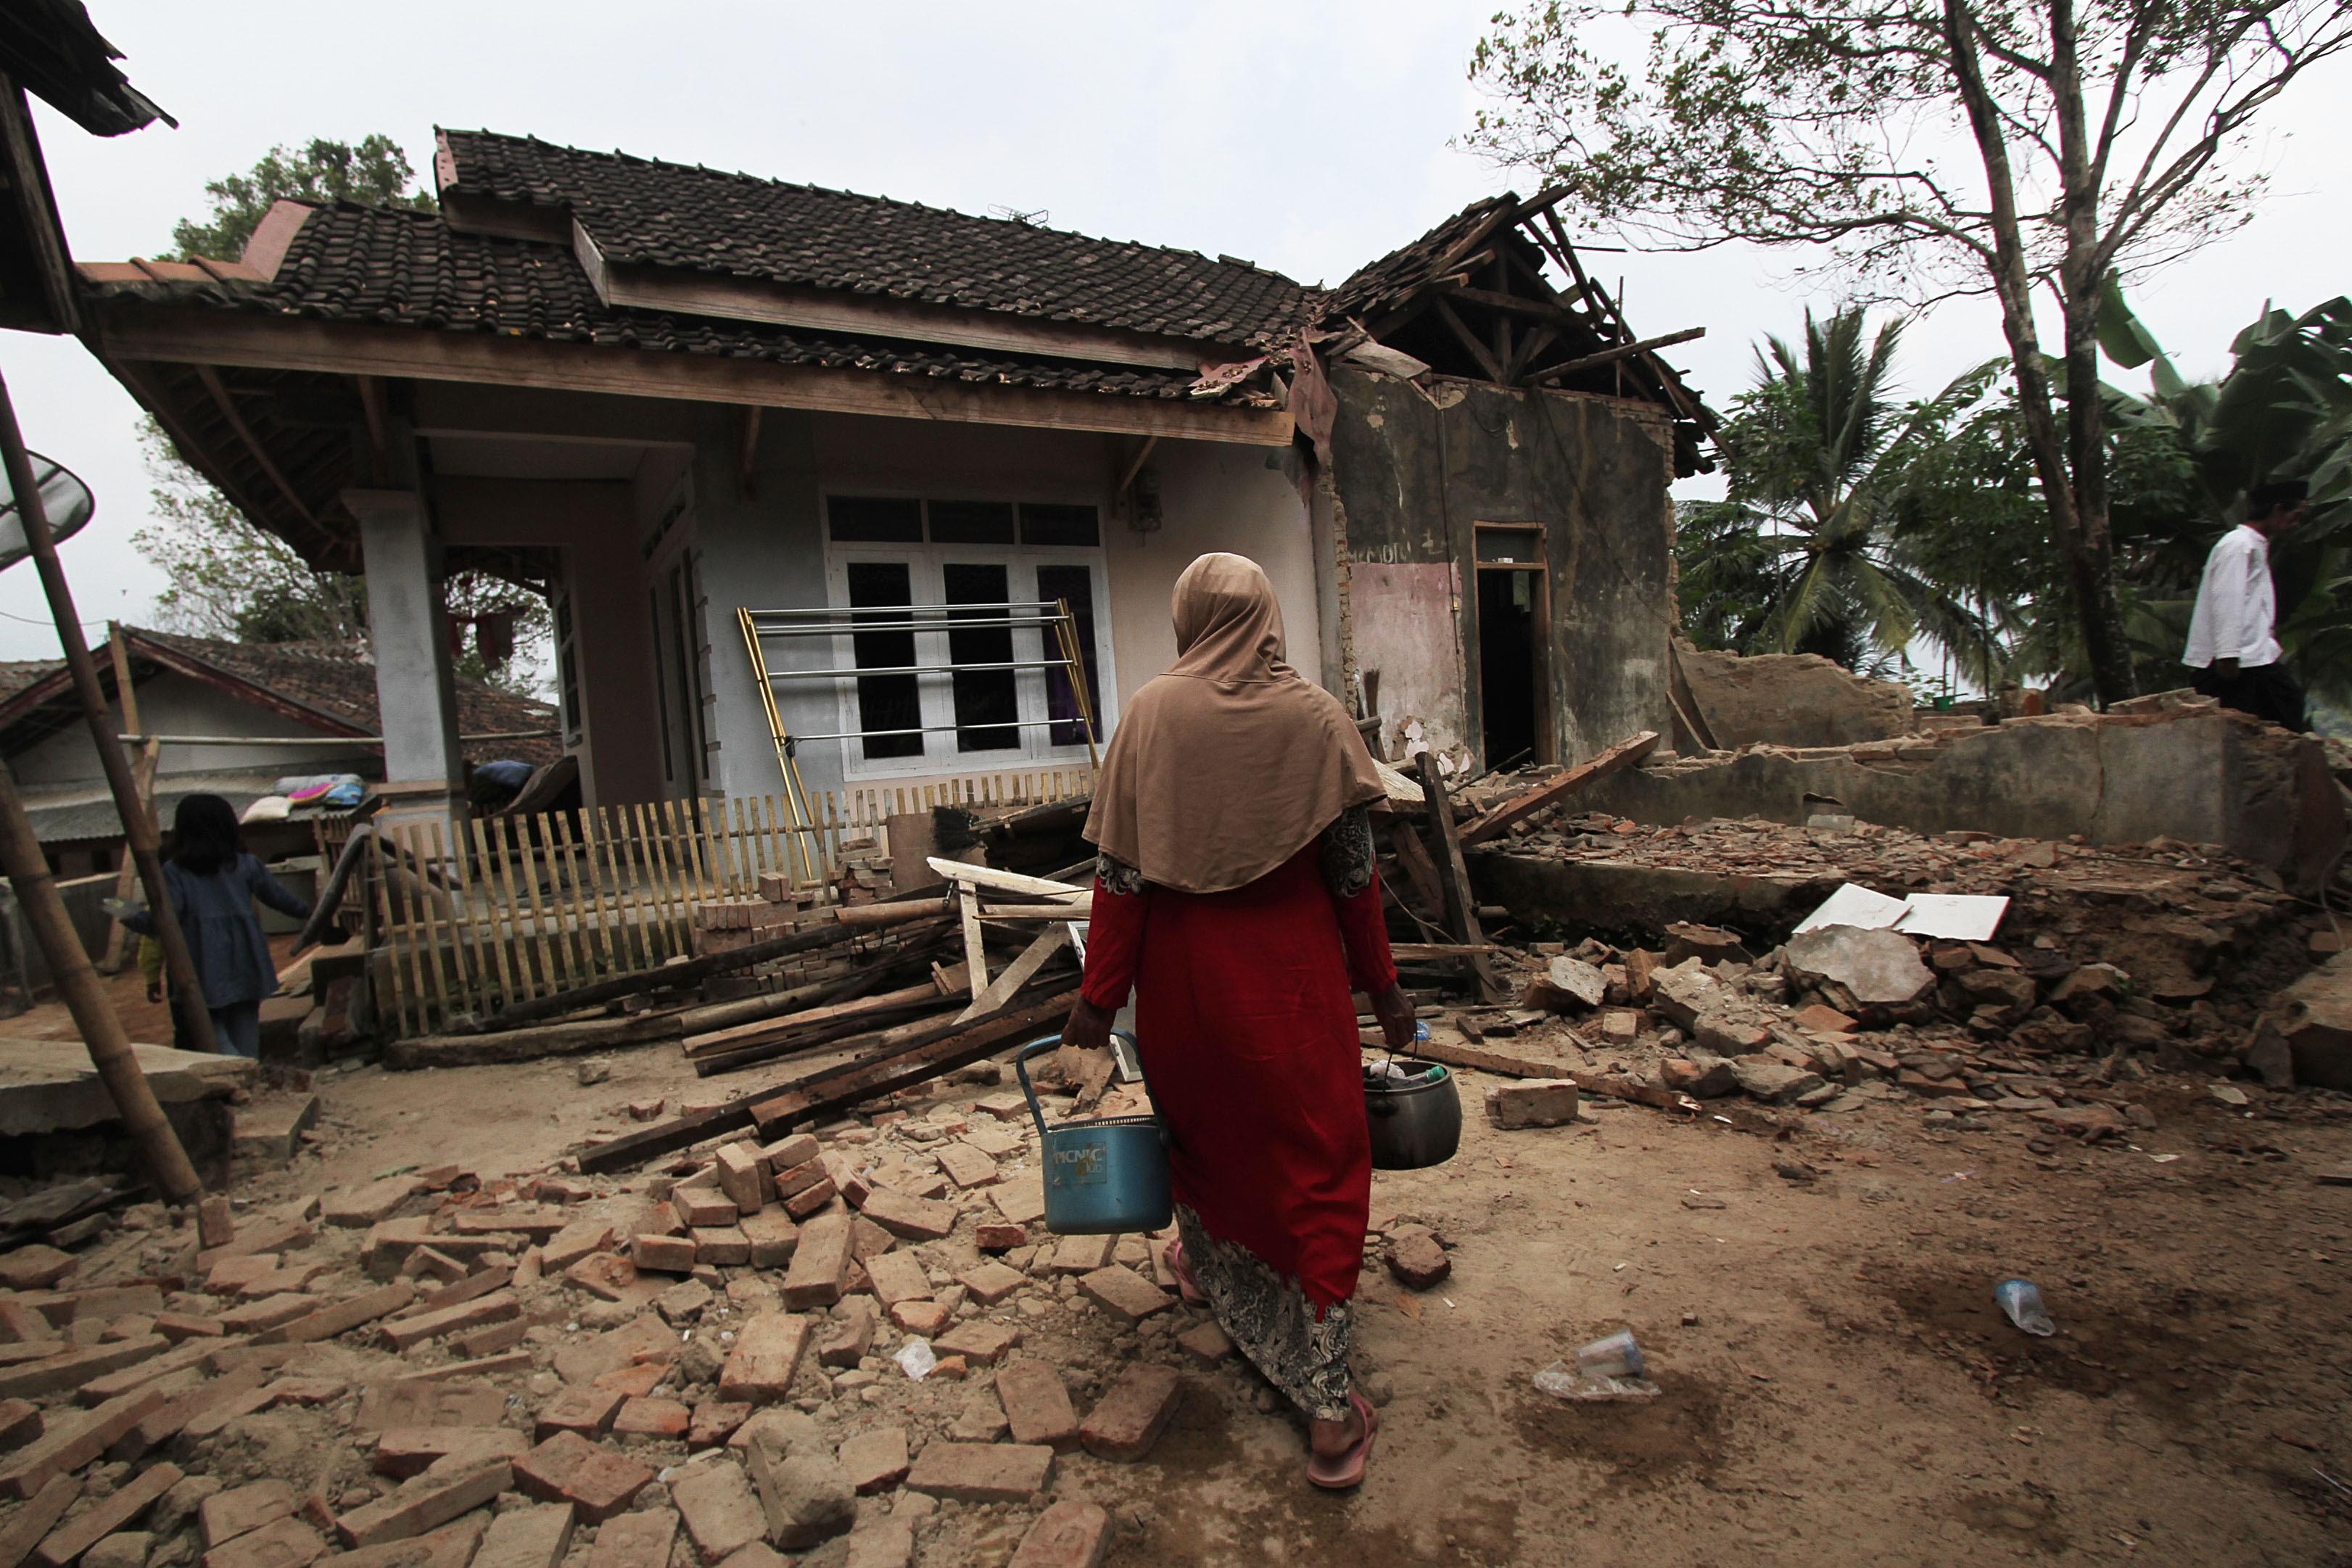 Indonesia Rawan Gempa, Sudah Punya Aplikasi Pemantau Informasi Gempa Belum?